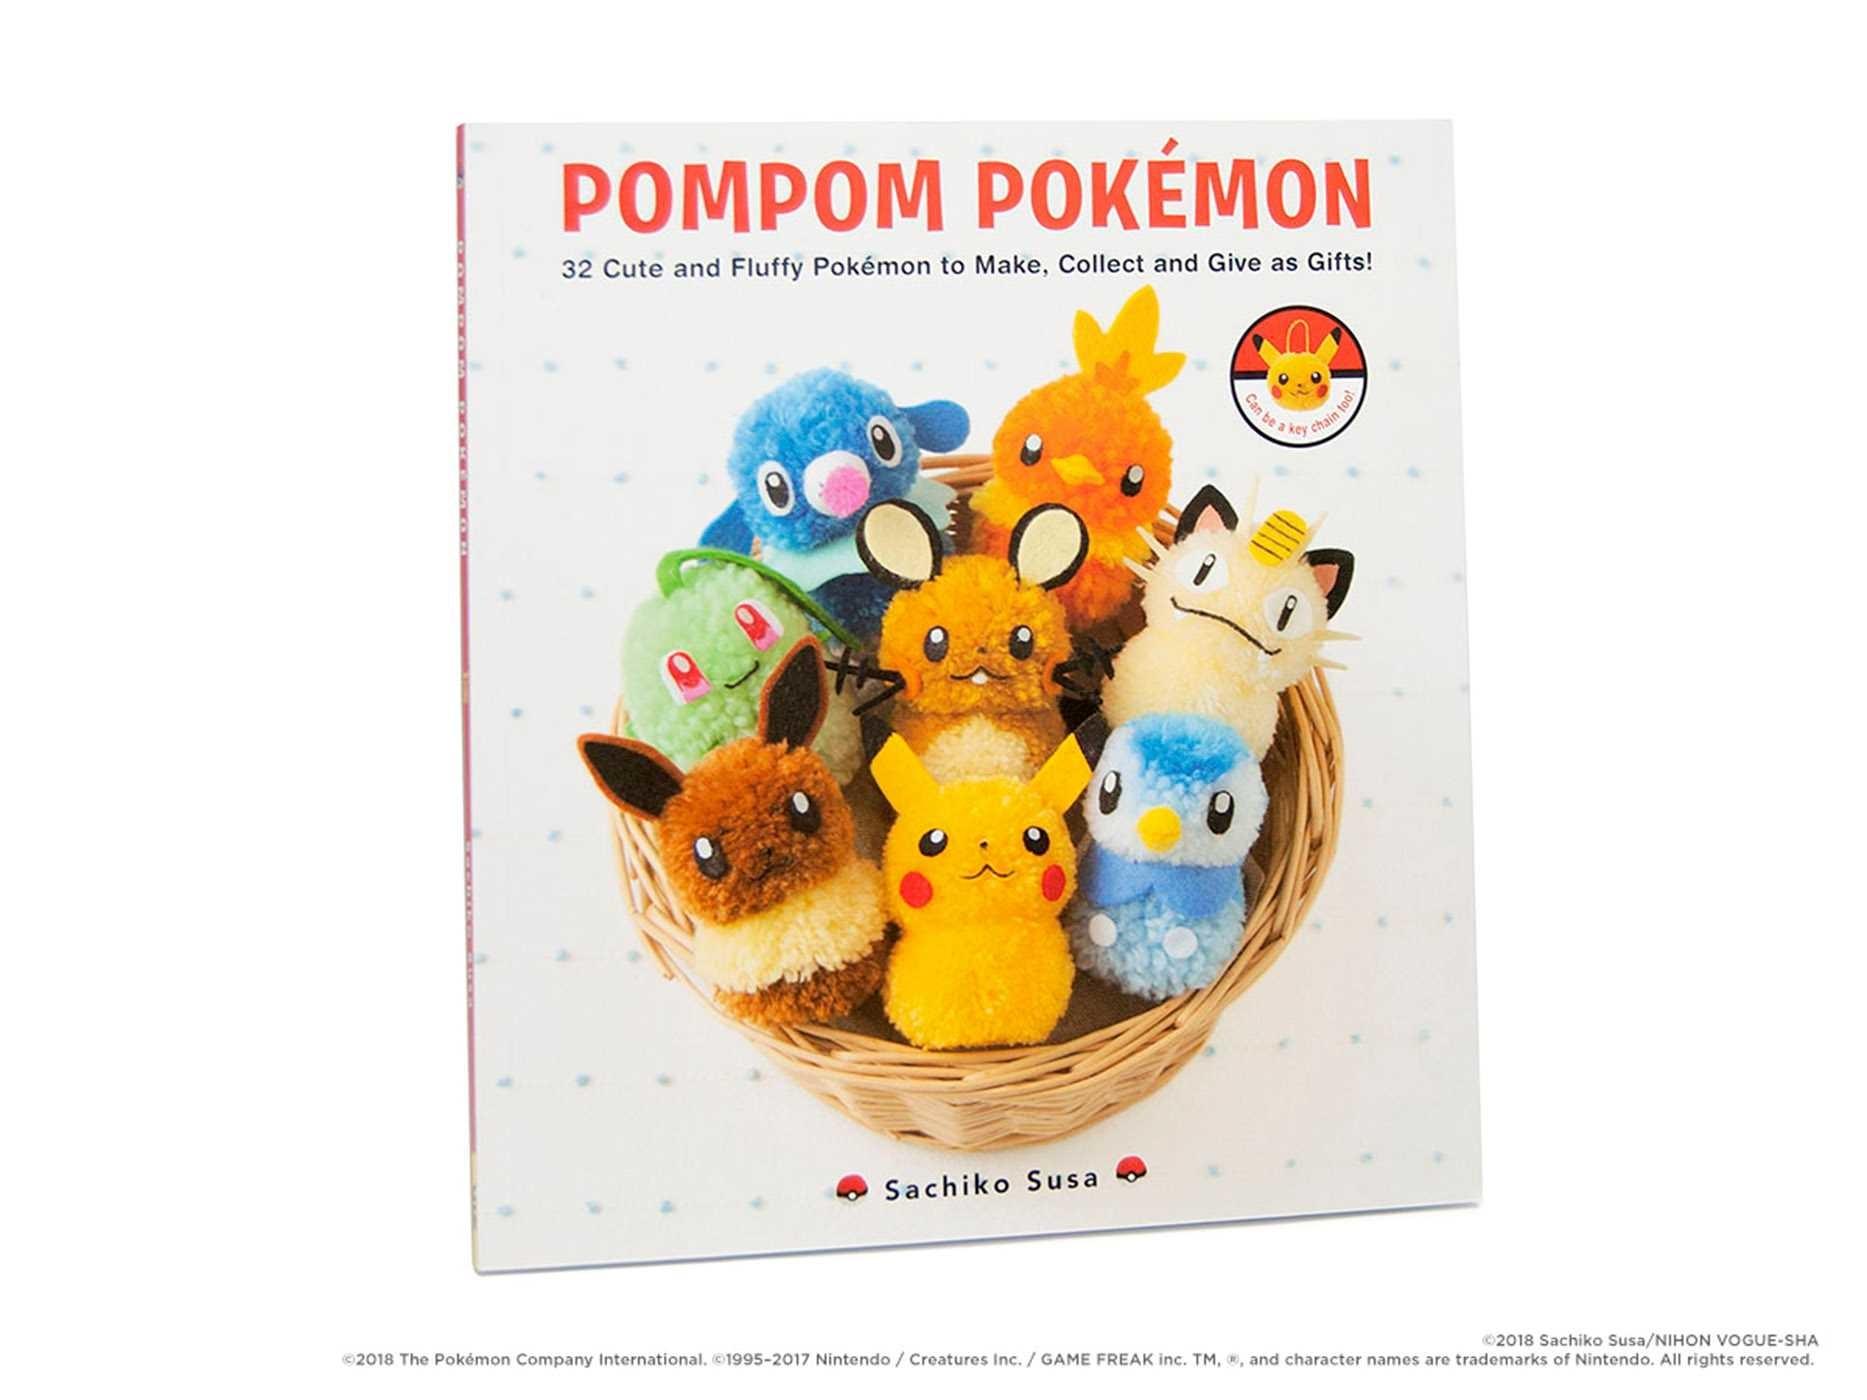 Pompom pokemon 9781974700684.in01